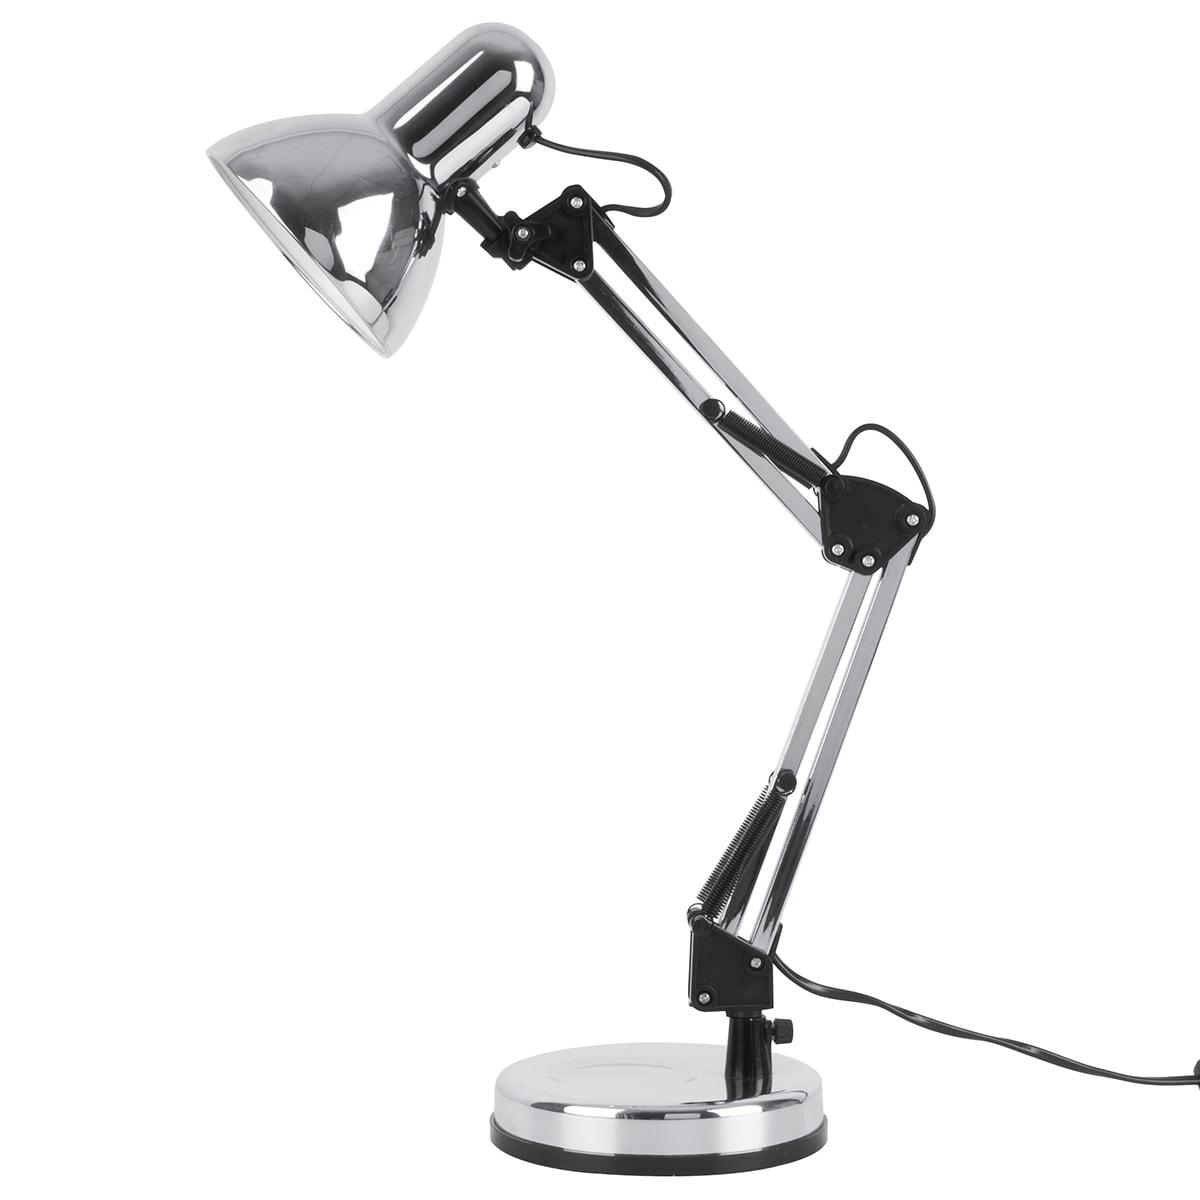 H 55 cm - Fineste arkitektlampe i metal - Bøjer i to led